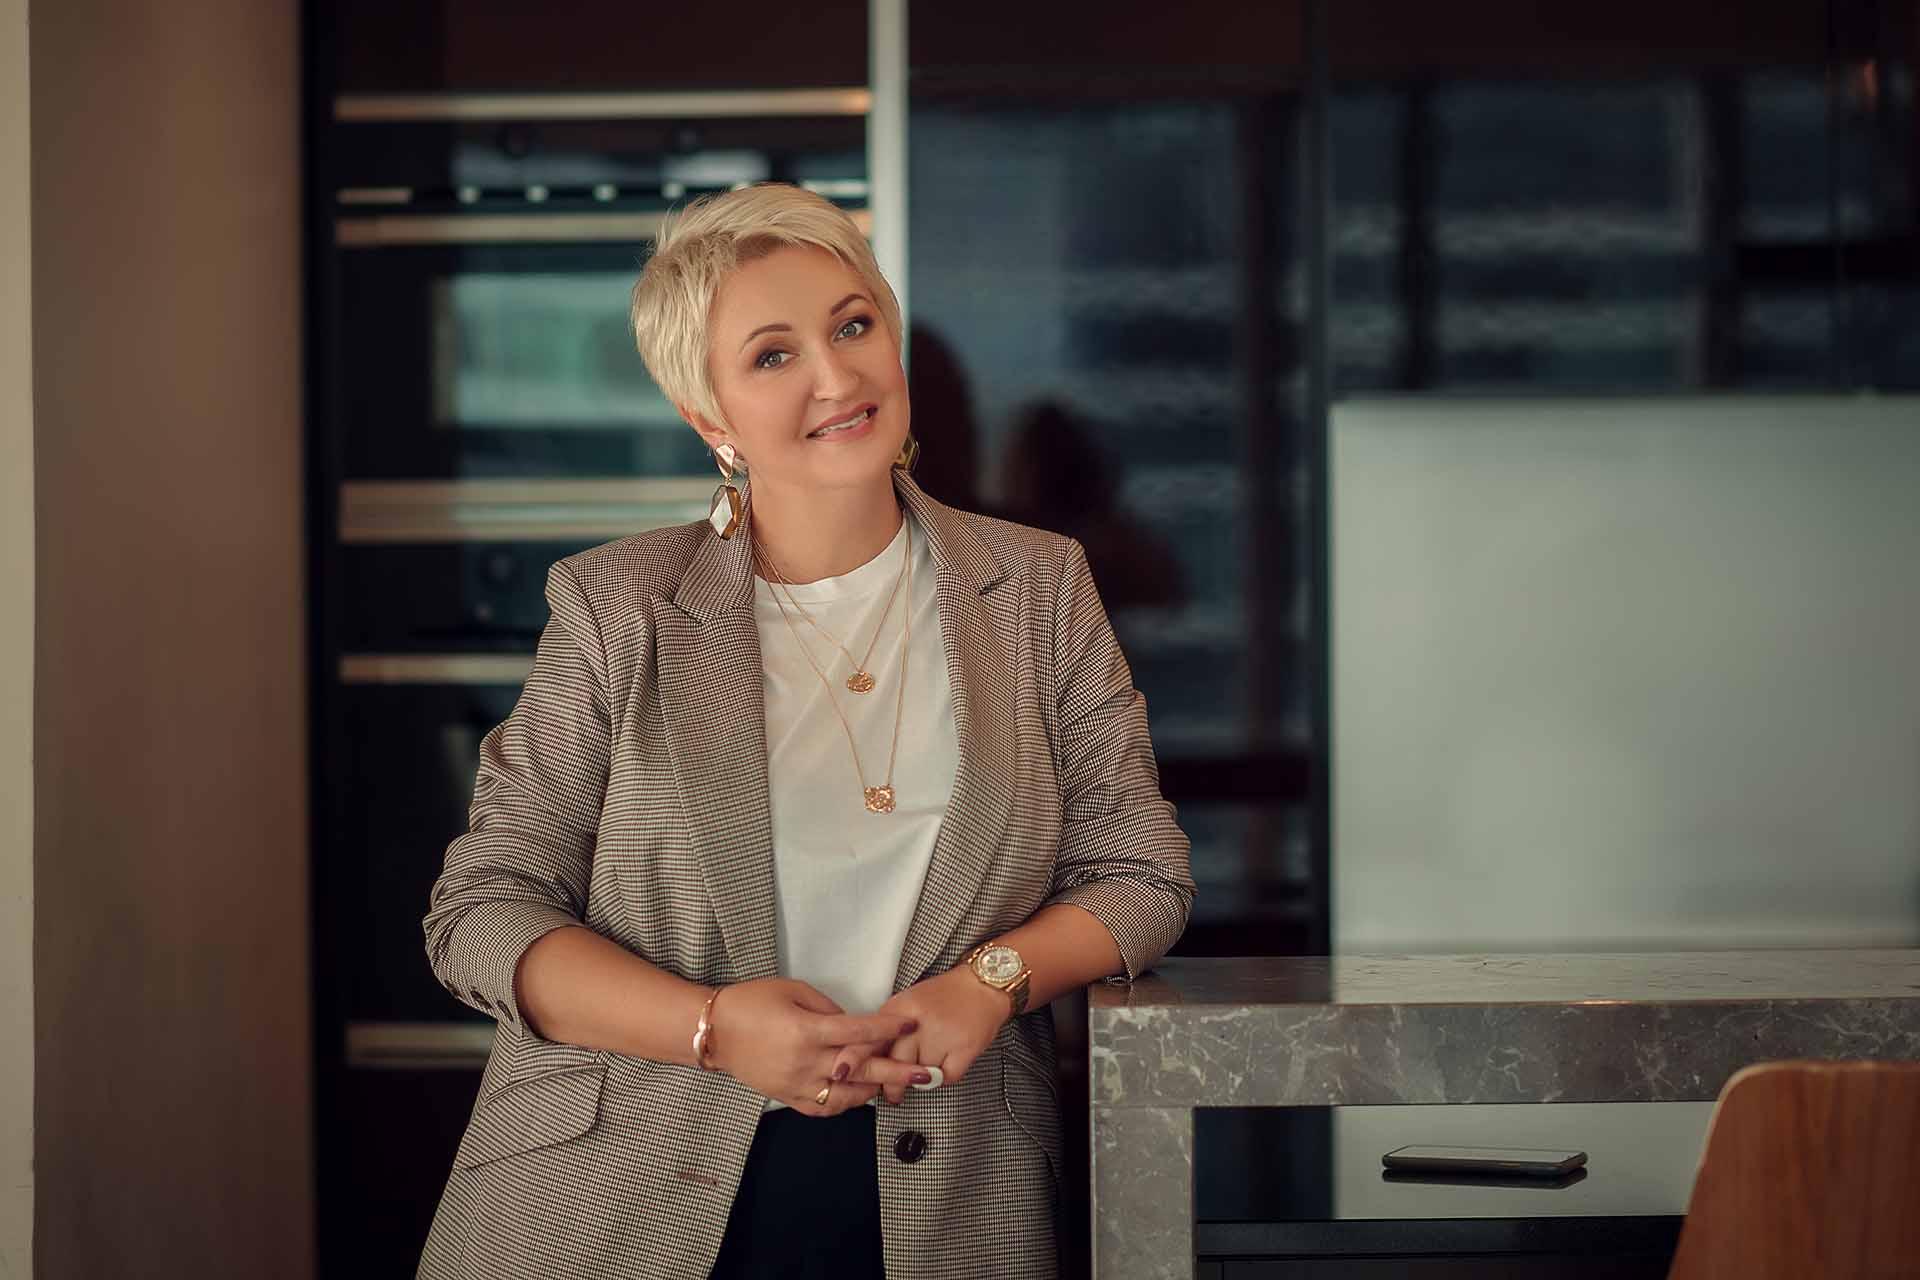 Наталья Татаркина, руководитель частной галереи современной иконы «Создавая наследие»